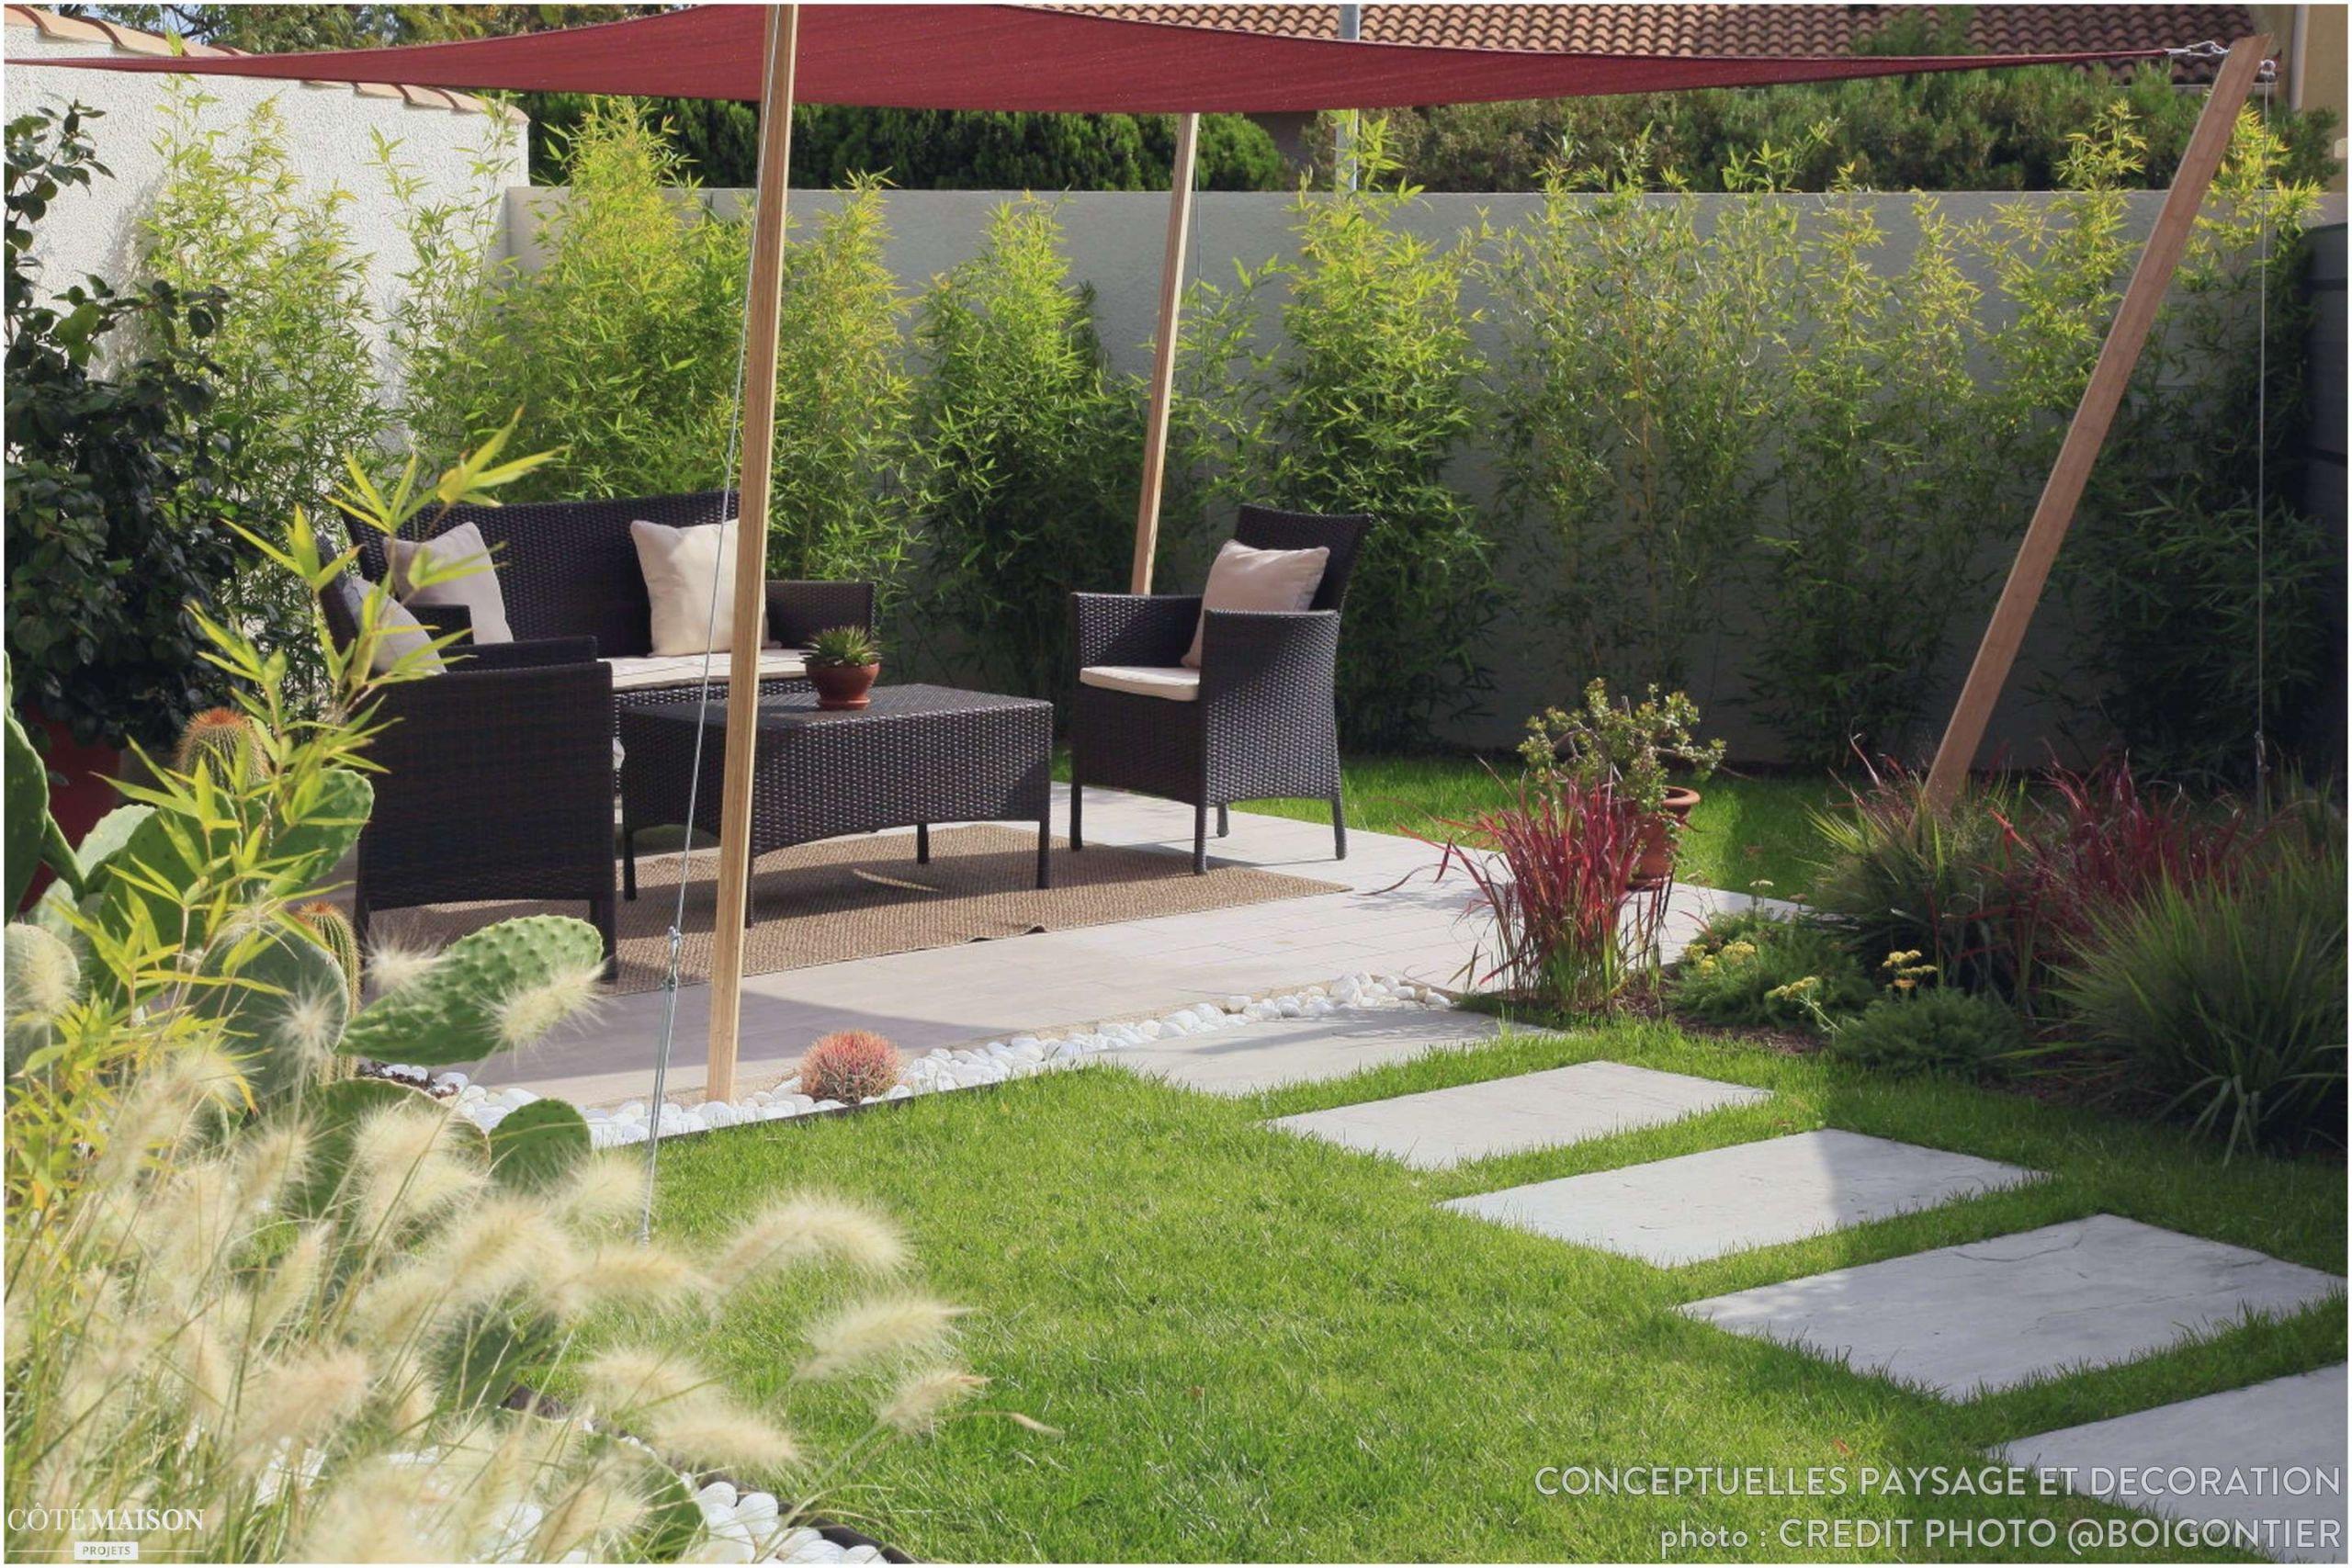 amenagement petit jardin zen le petit chemin amenagement exterieur devant maison apsip et am nagement de jardin exterieur avec beau idee amenagement jardin zen luxury decor jardin exterieur